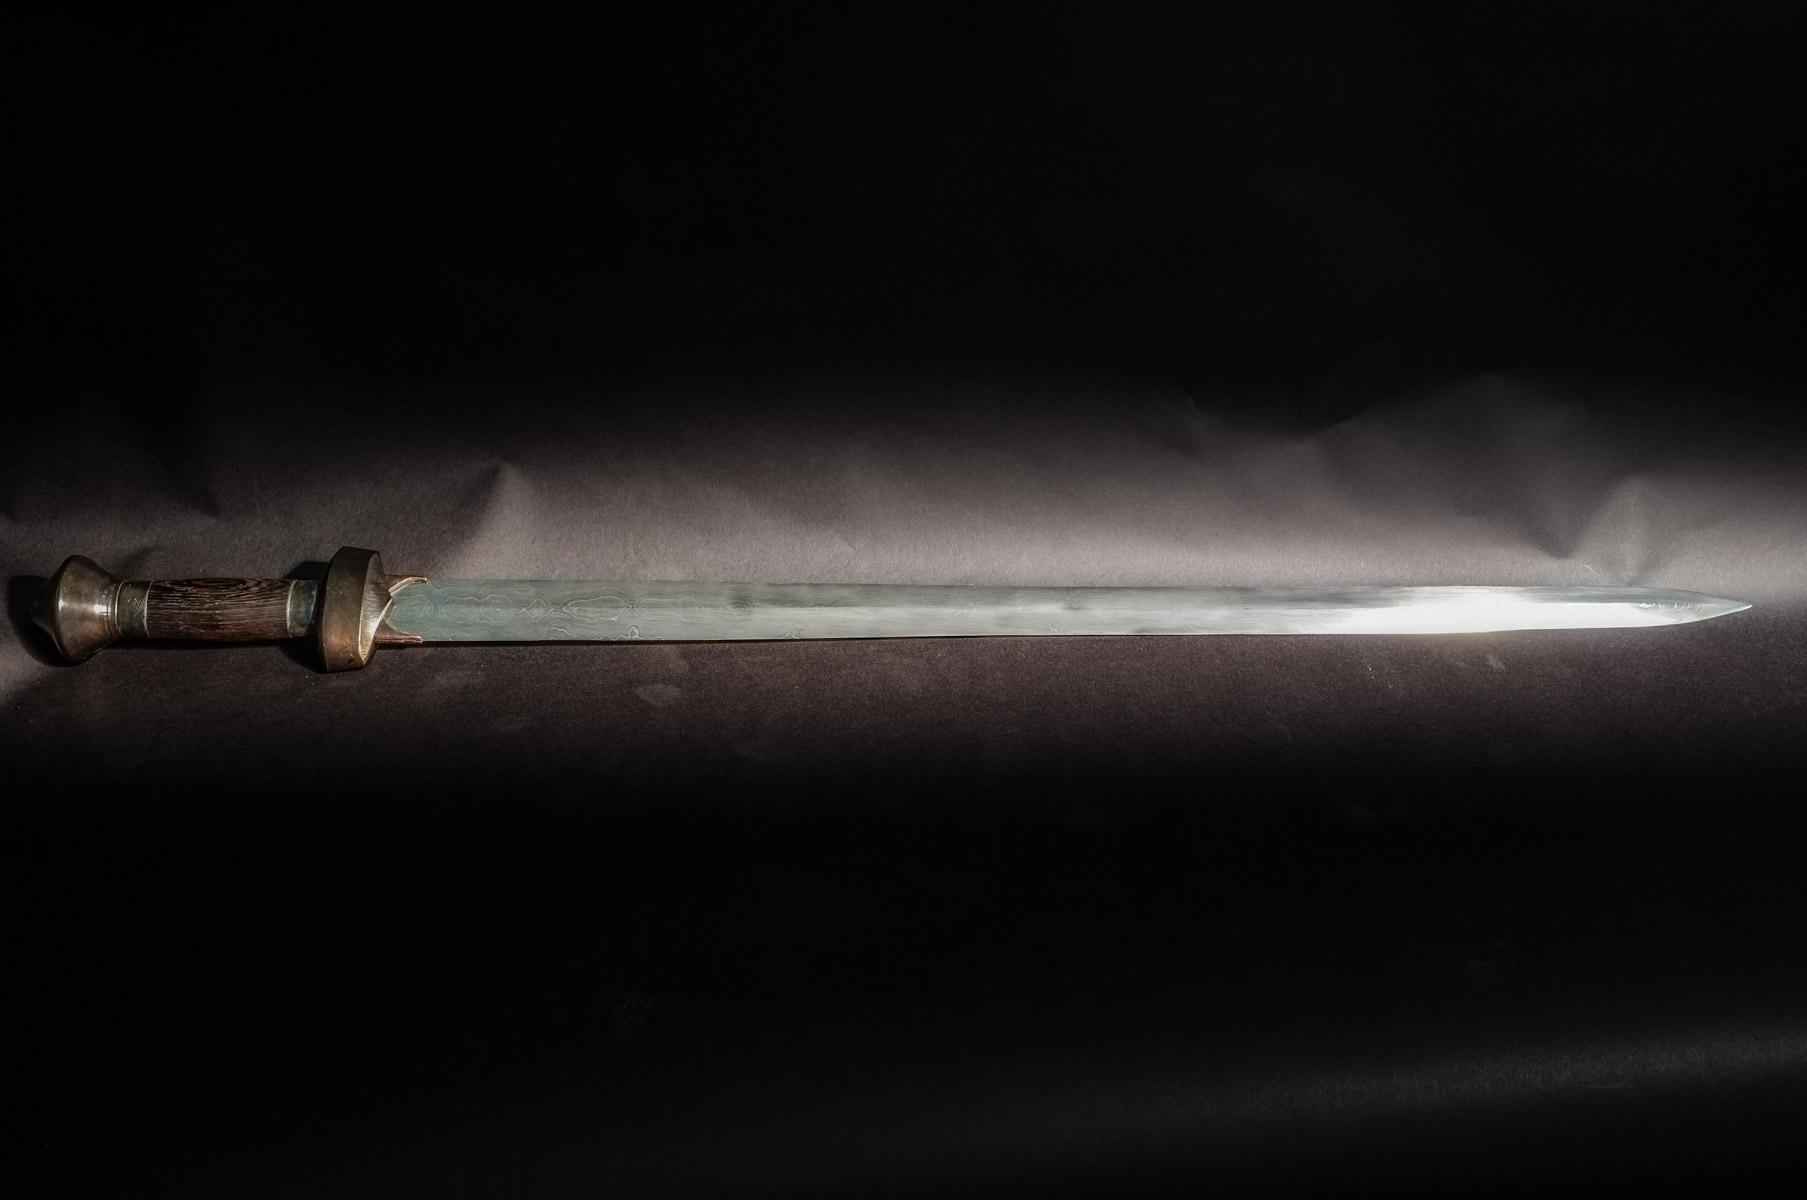 10 Tage Kurs: Schwert aus 2000 Lagen gefaltetem Stahl und aufwendiger Montur.   10 day class: Pattern welded sword with 2000+ layers and comples steel fittings.